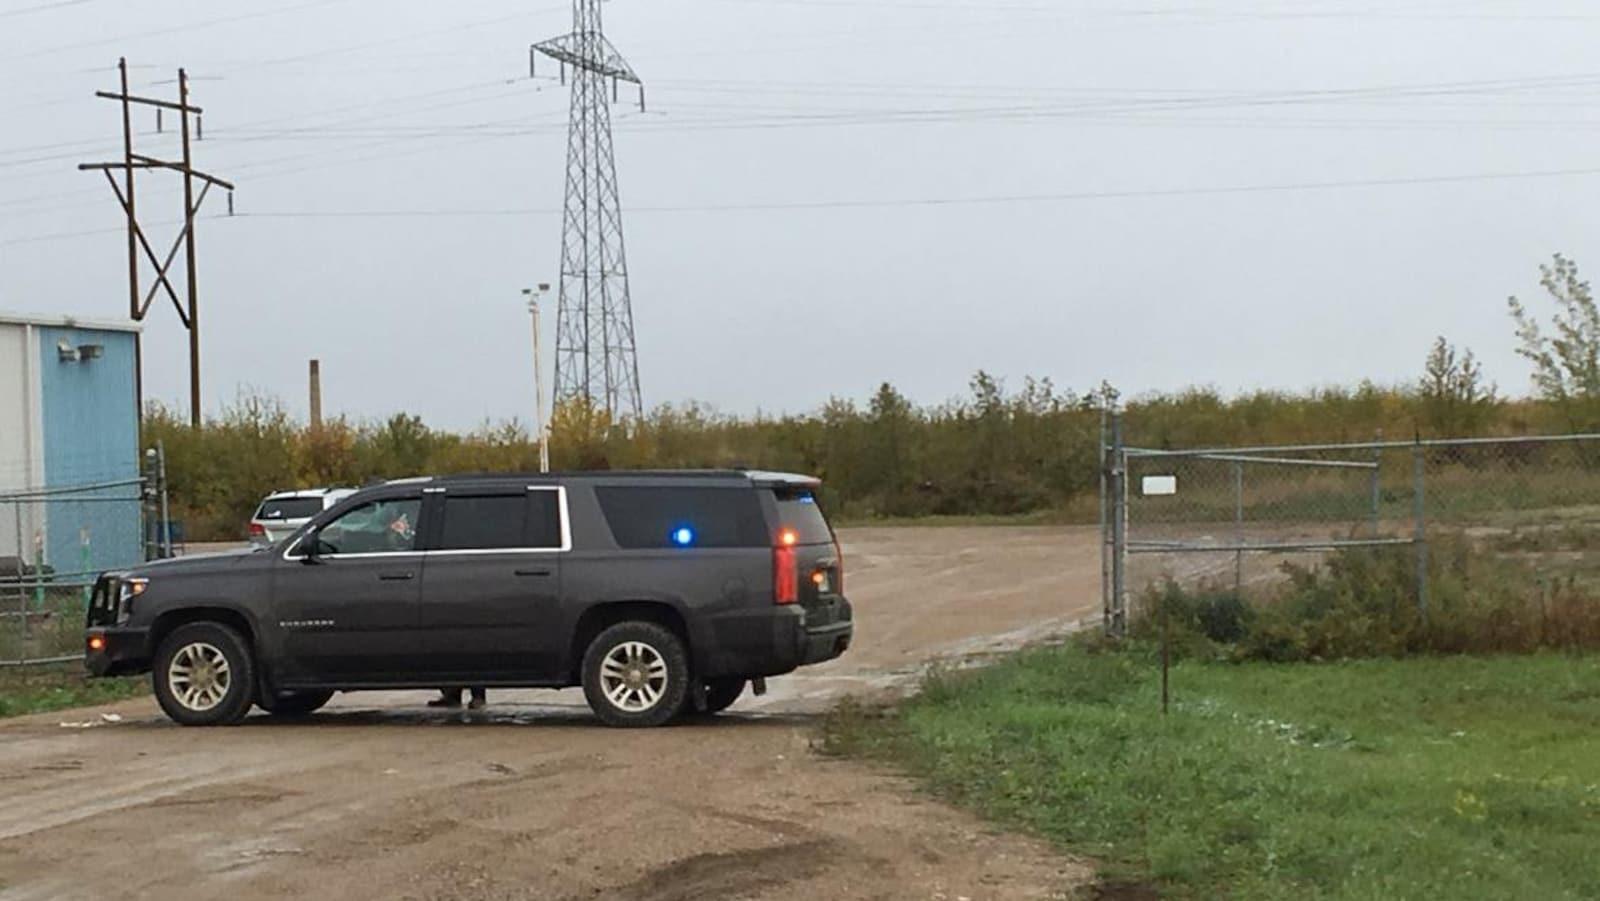 Un véhicule de police dans une zone industrielle.